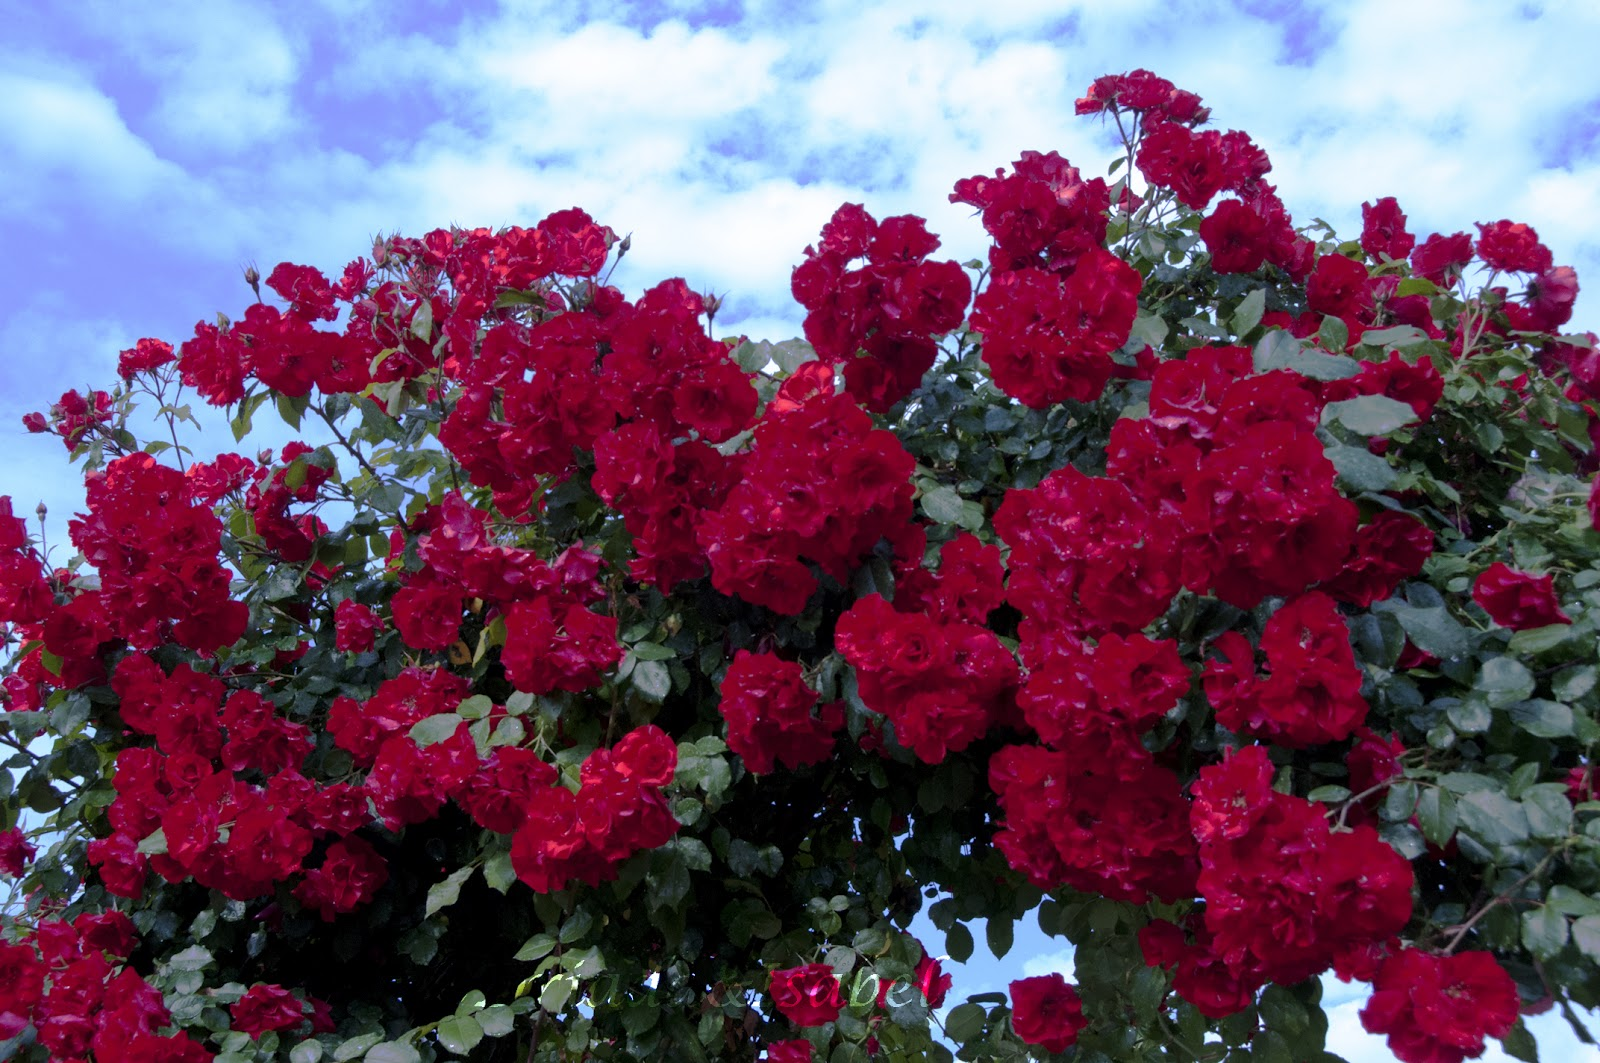 La magia de mi jardin el ingl s y la sevillana for Cancion jardin de rosas en ingles